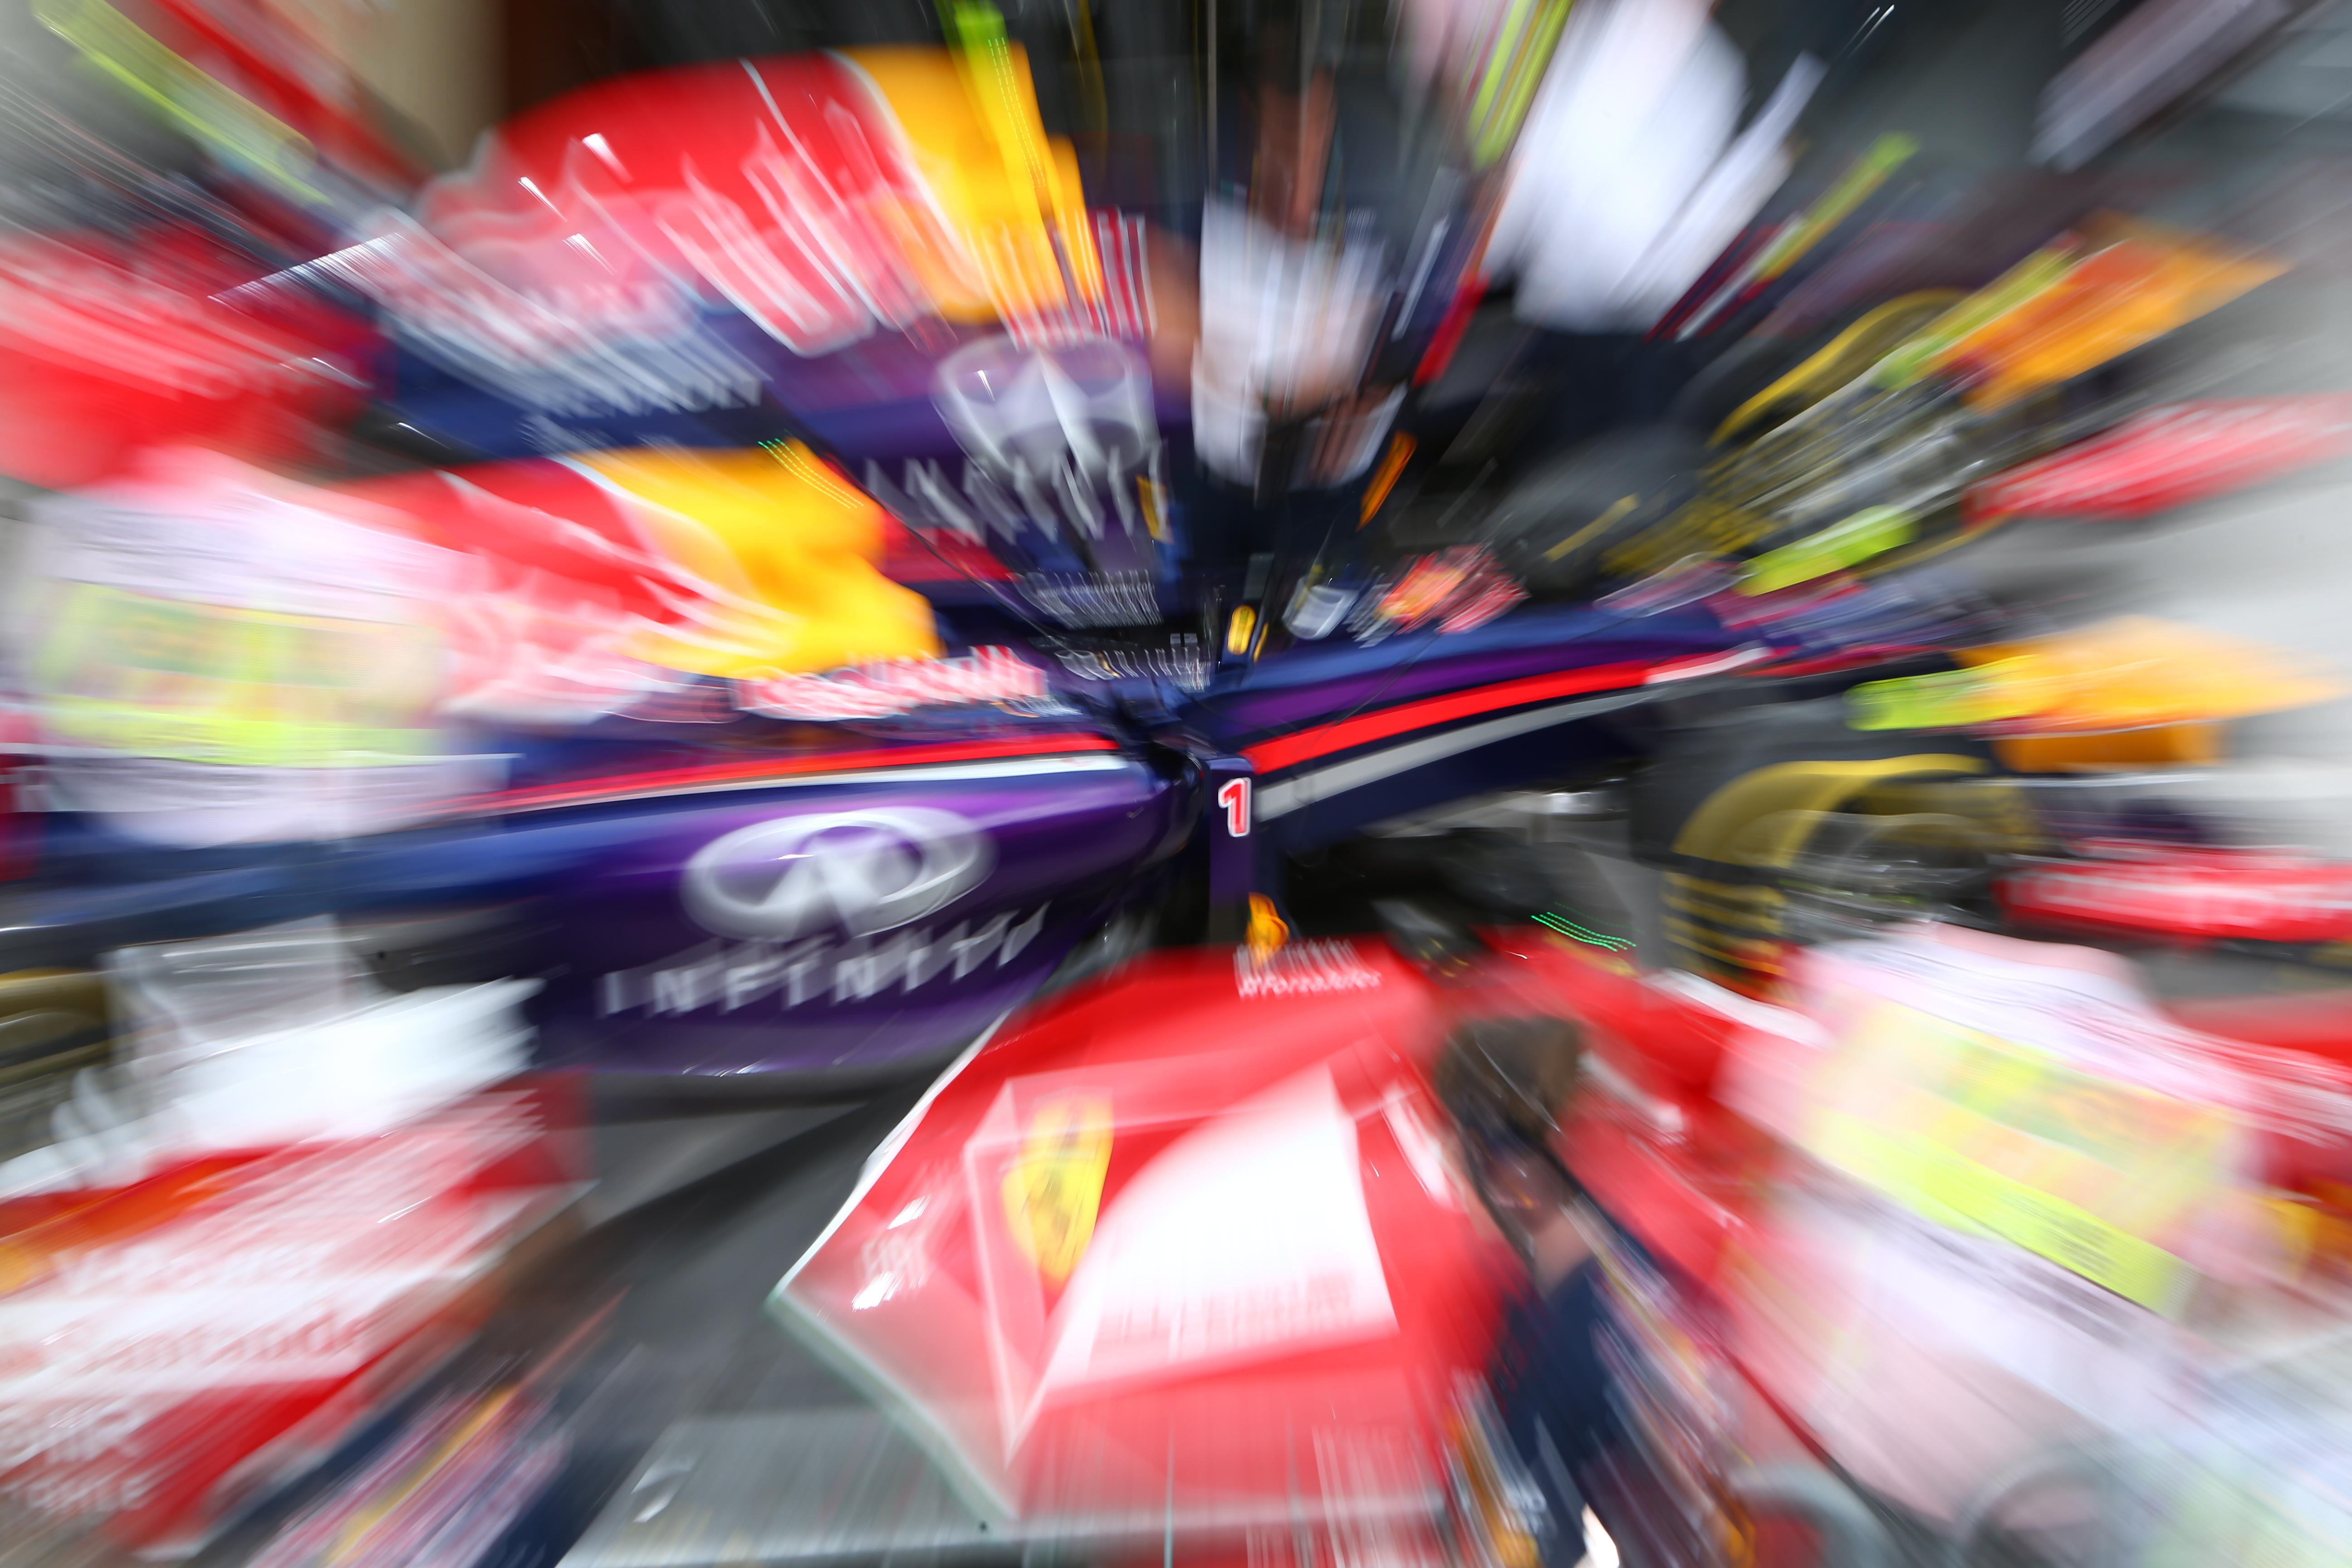 Fórmula 1 2014. Foto: Beto Issa/ GP Brasil.